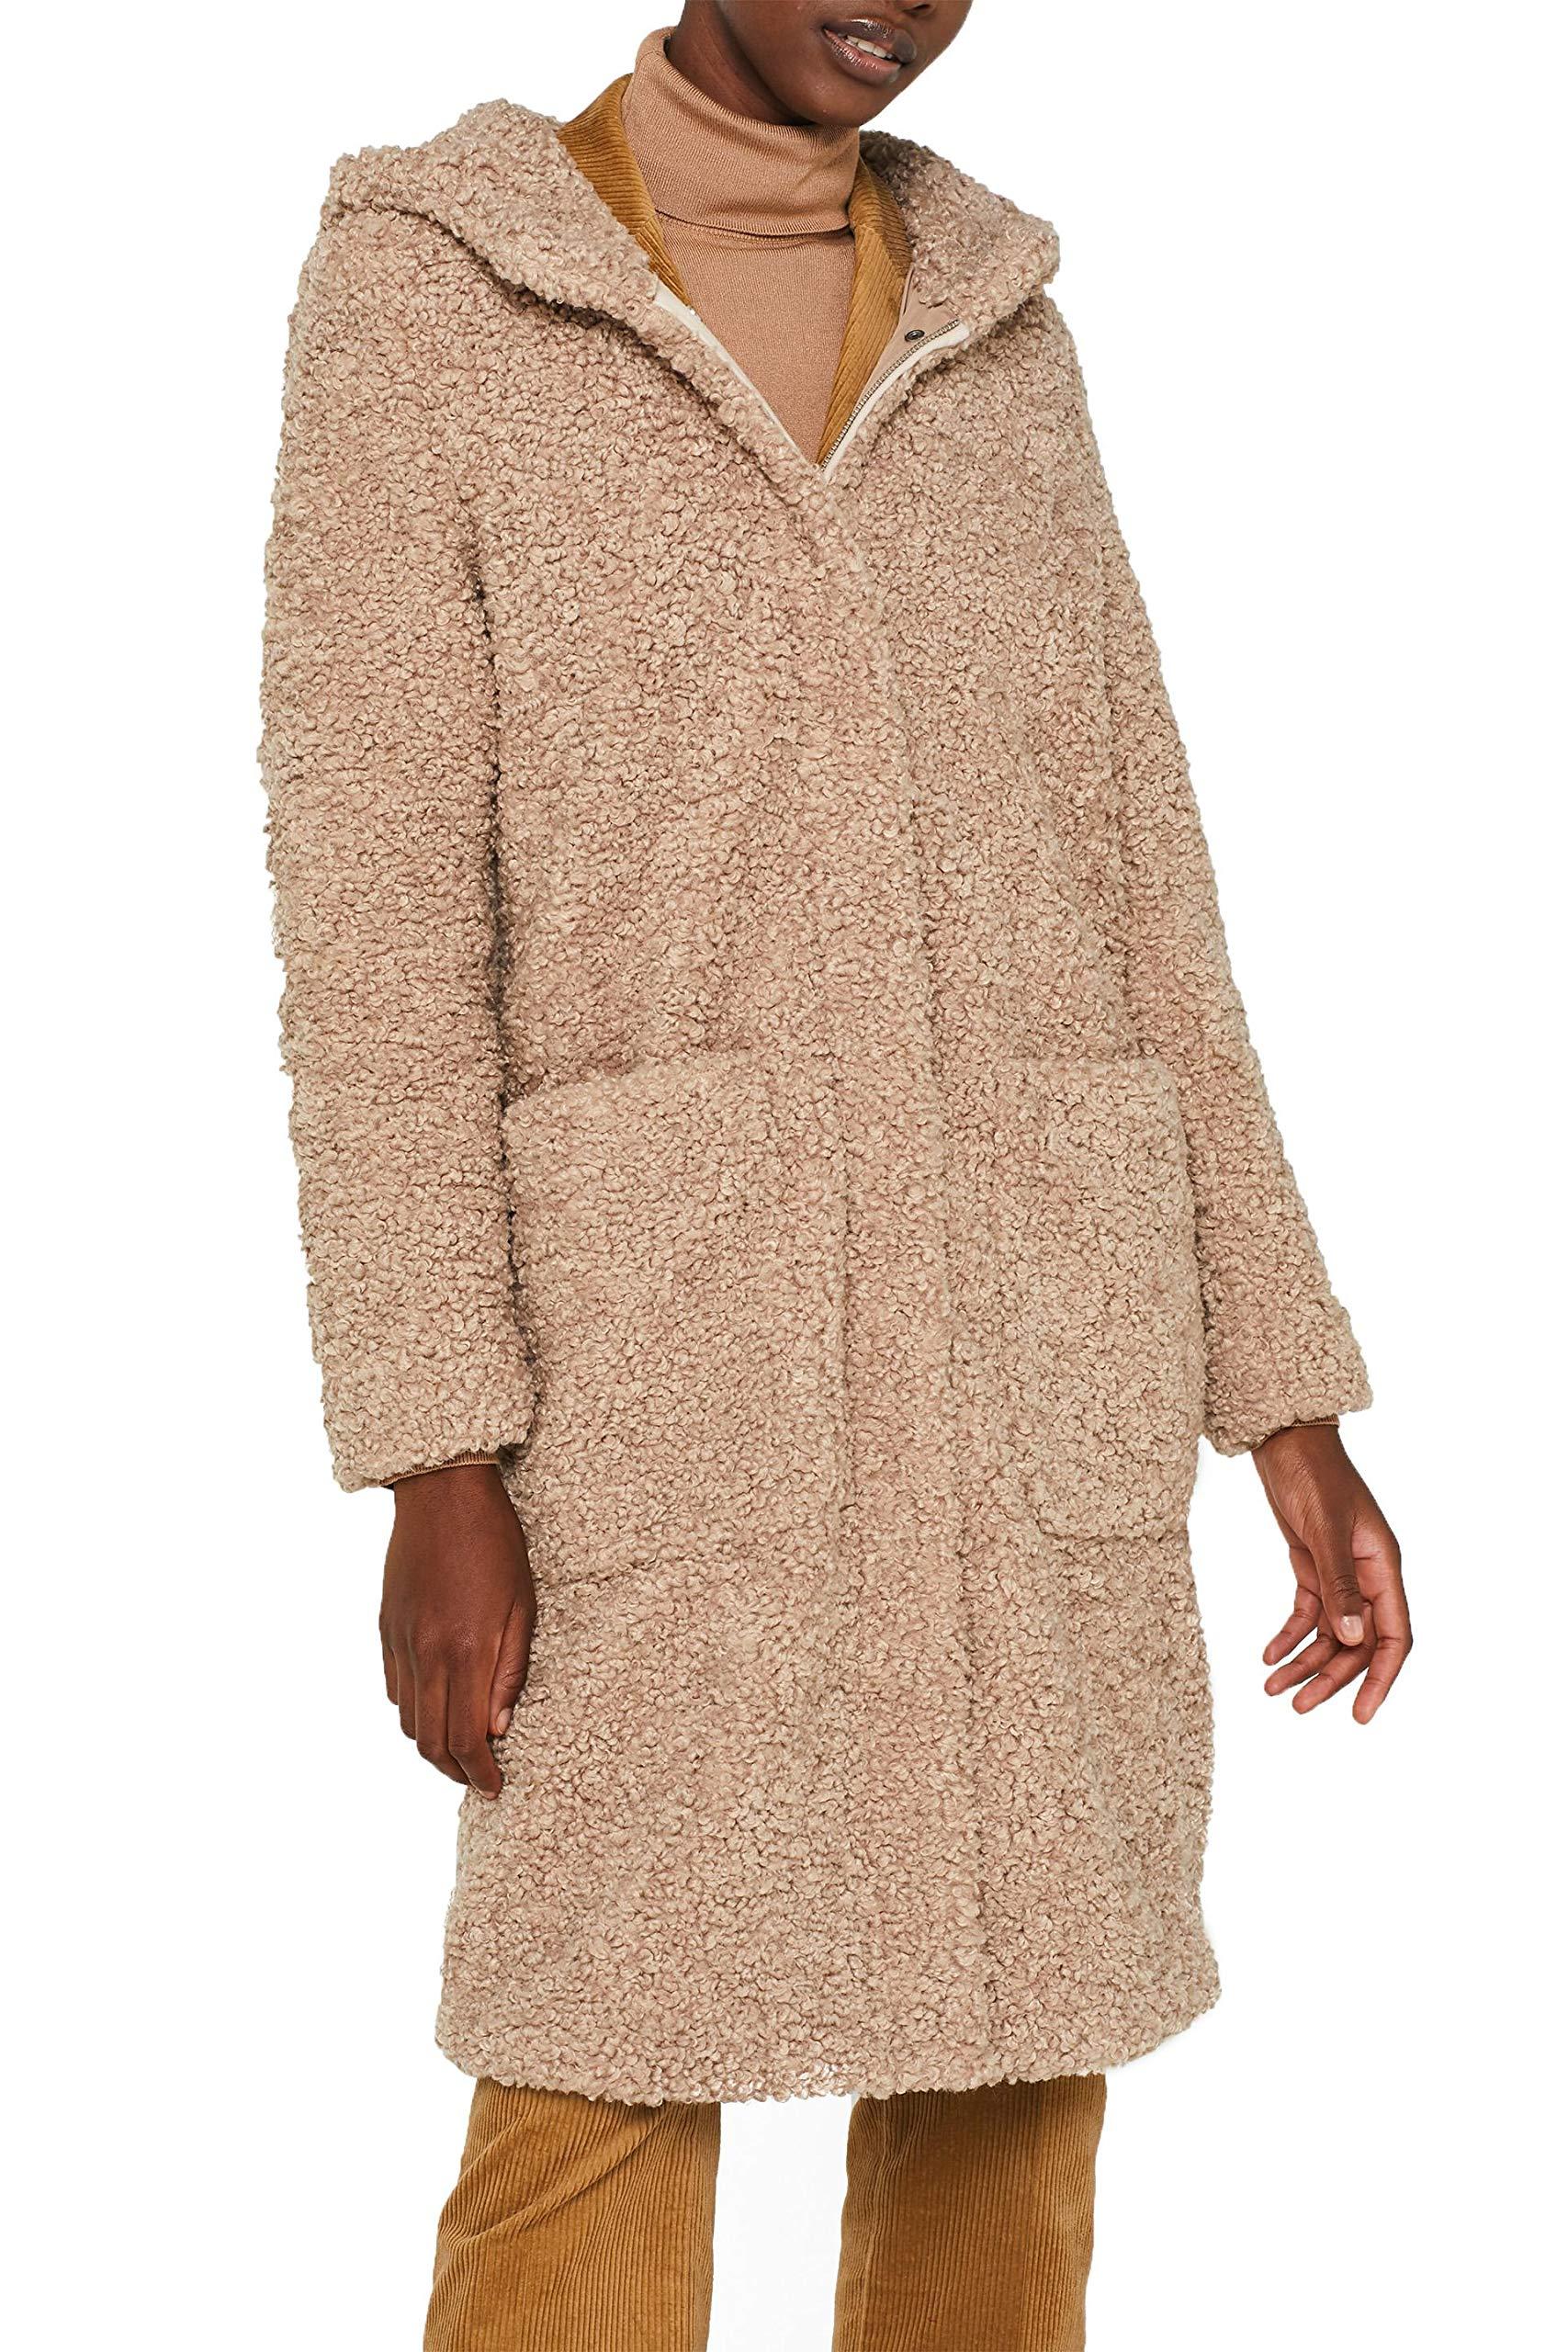 ESPRIT Damen 109Ee1G020 Mantel, Beige (Beige 270), (Herstellergröße: XX Large)